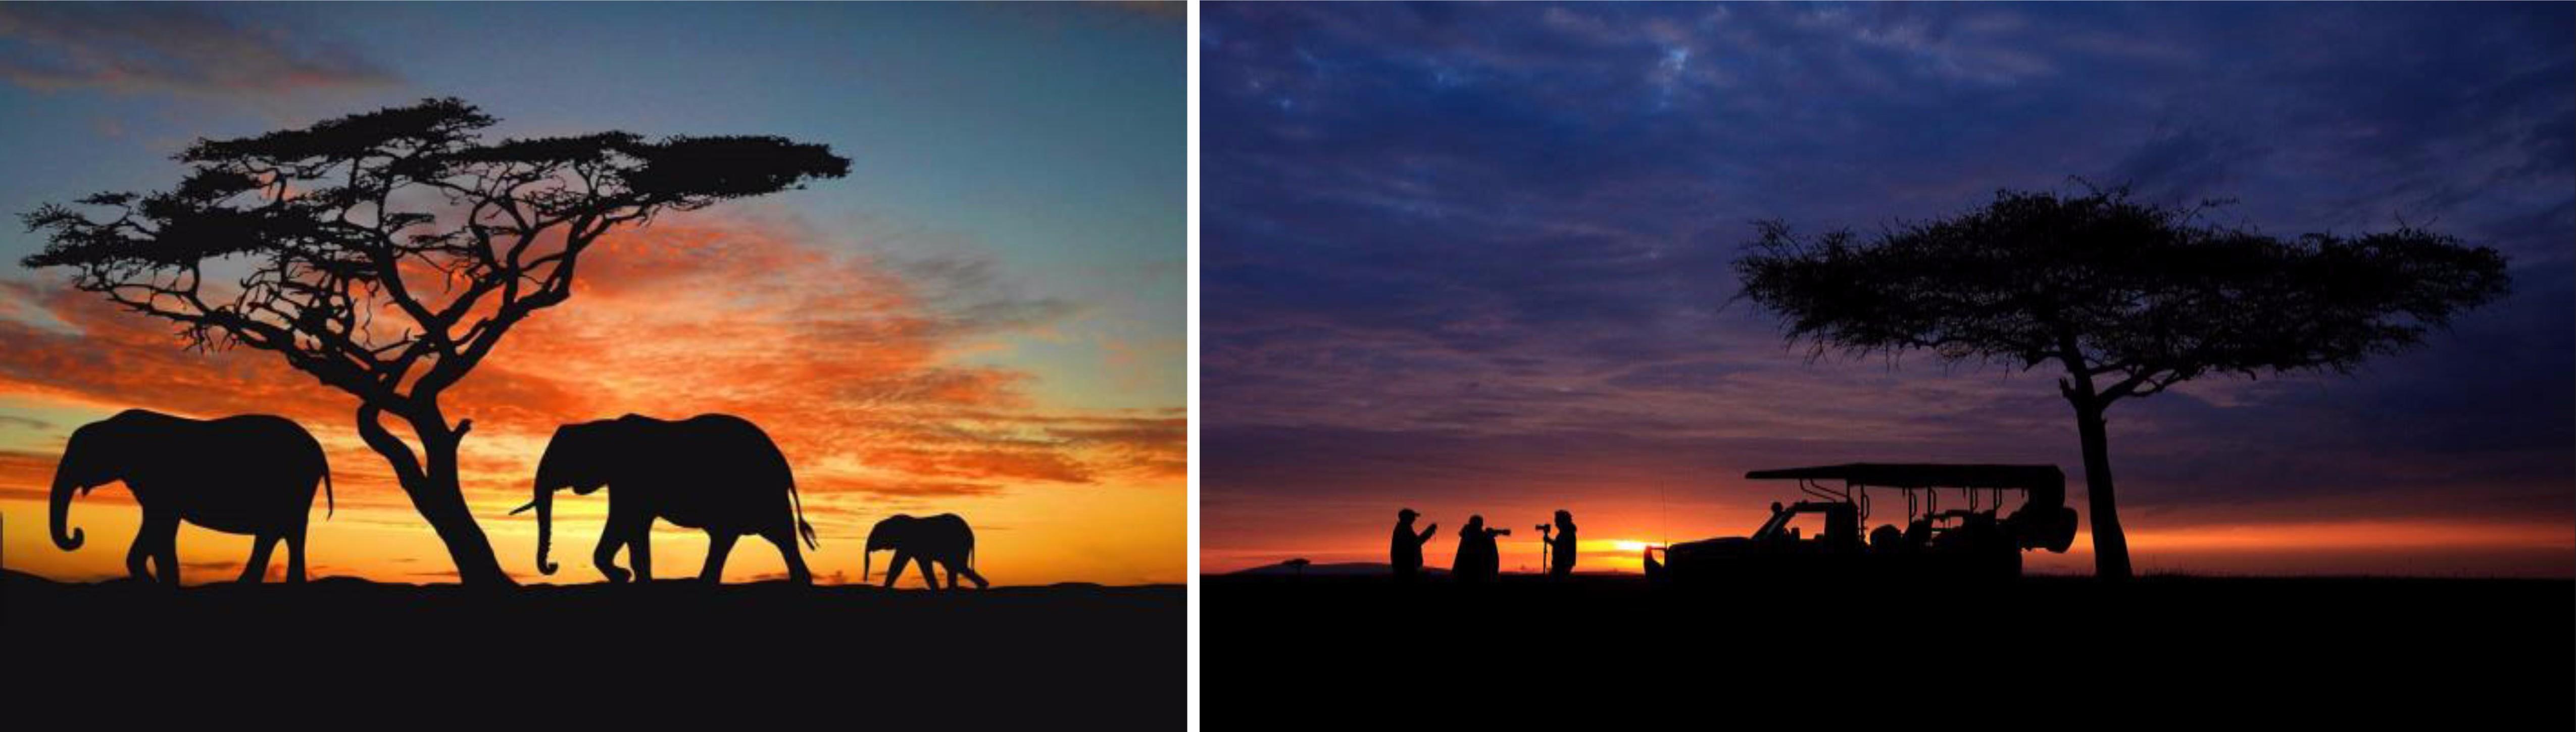 ซันซิตี้ –  Option ขึ้นบอลลูนชมพระอาทิตย์ทอแสงยามเช้า – Early Game Drive อุทยานแห่งชาติ พิลาเนสเบิร์ก – Game drive ตะลุยป่าซาฟารี - 2